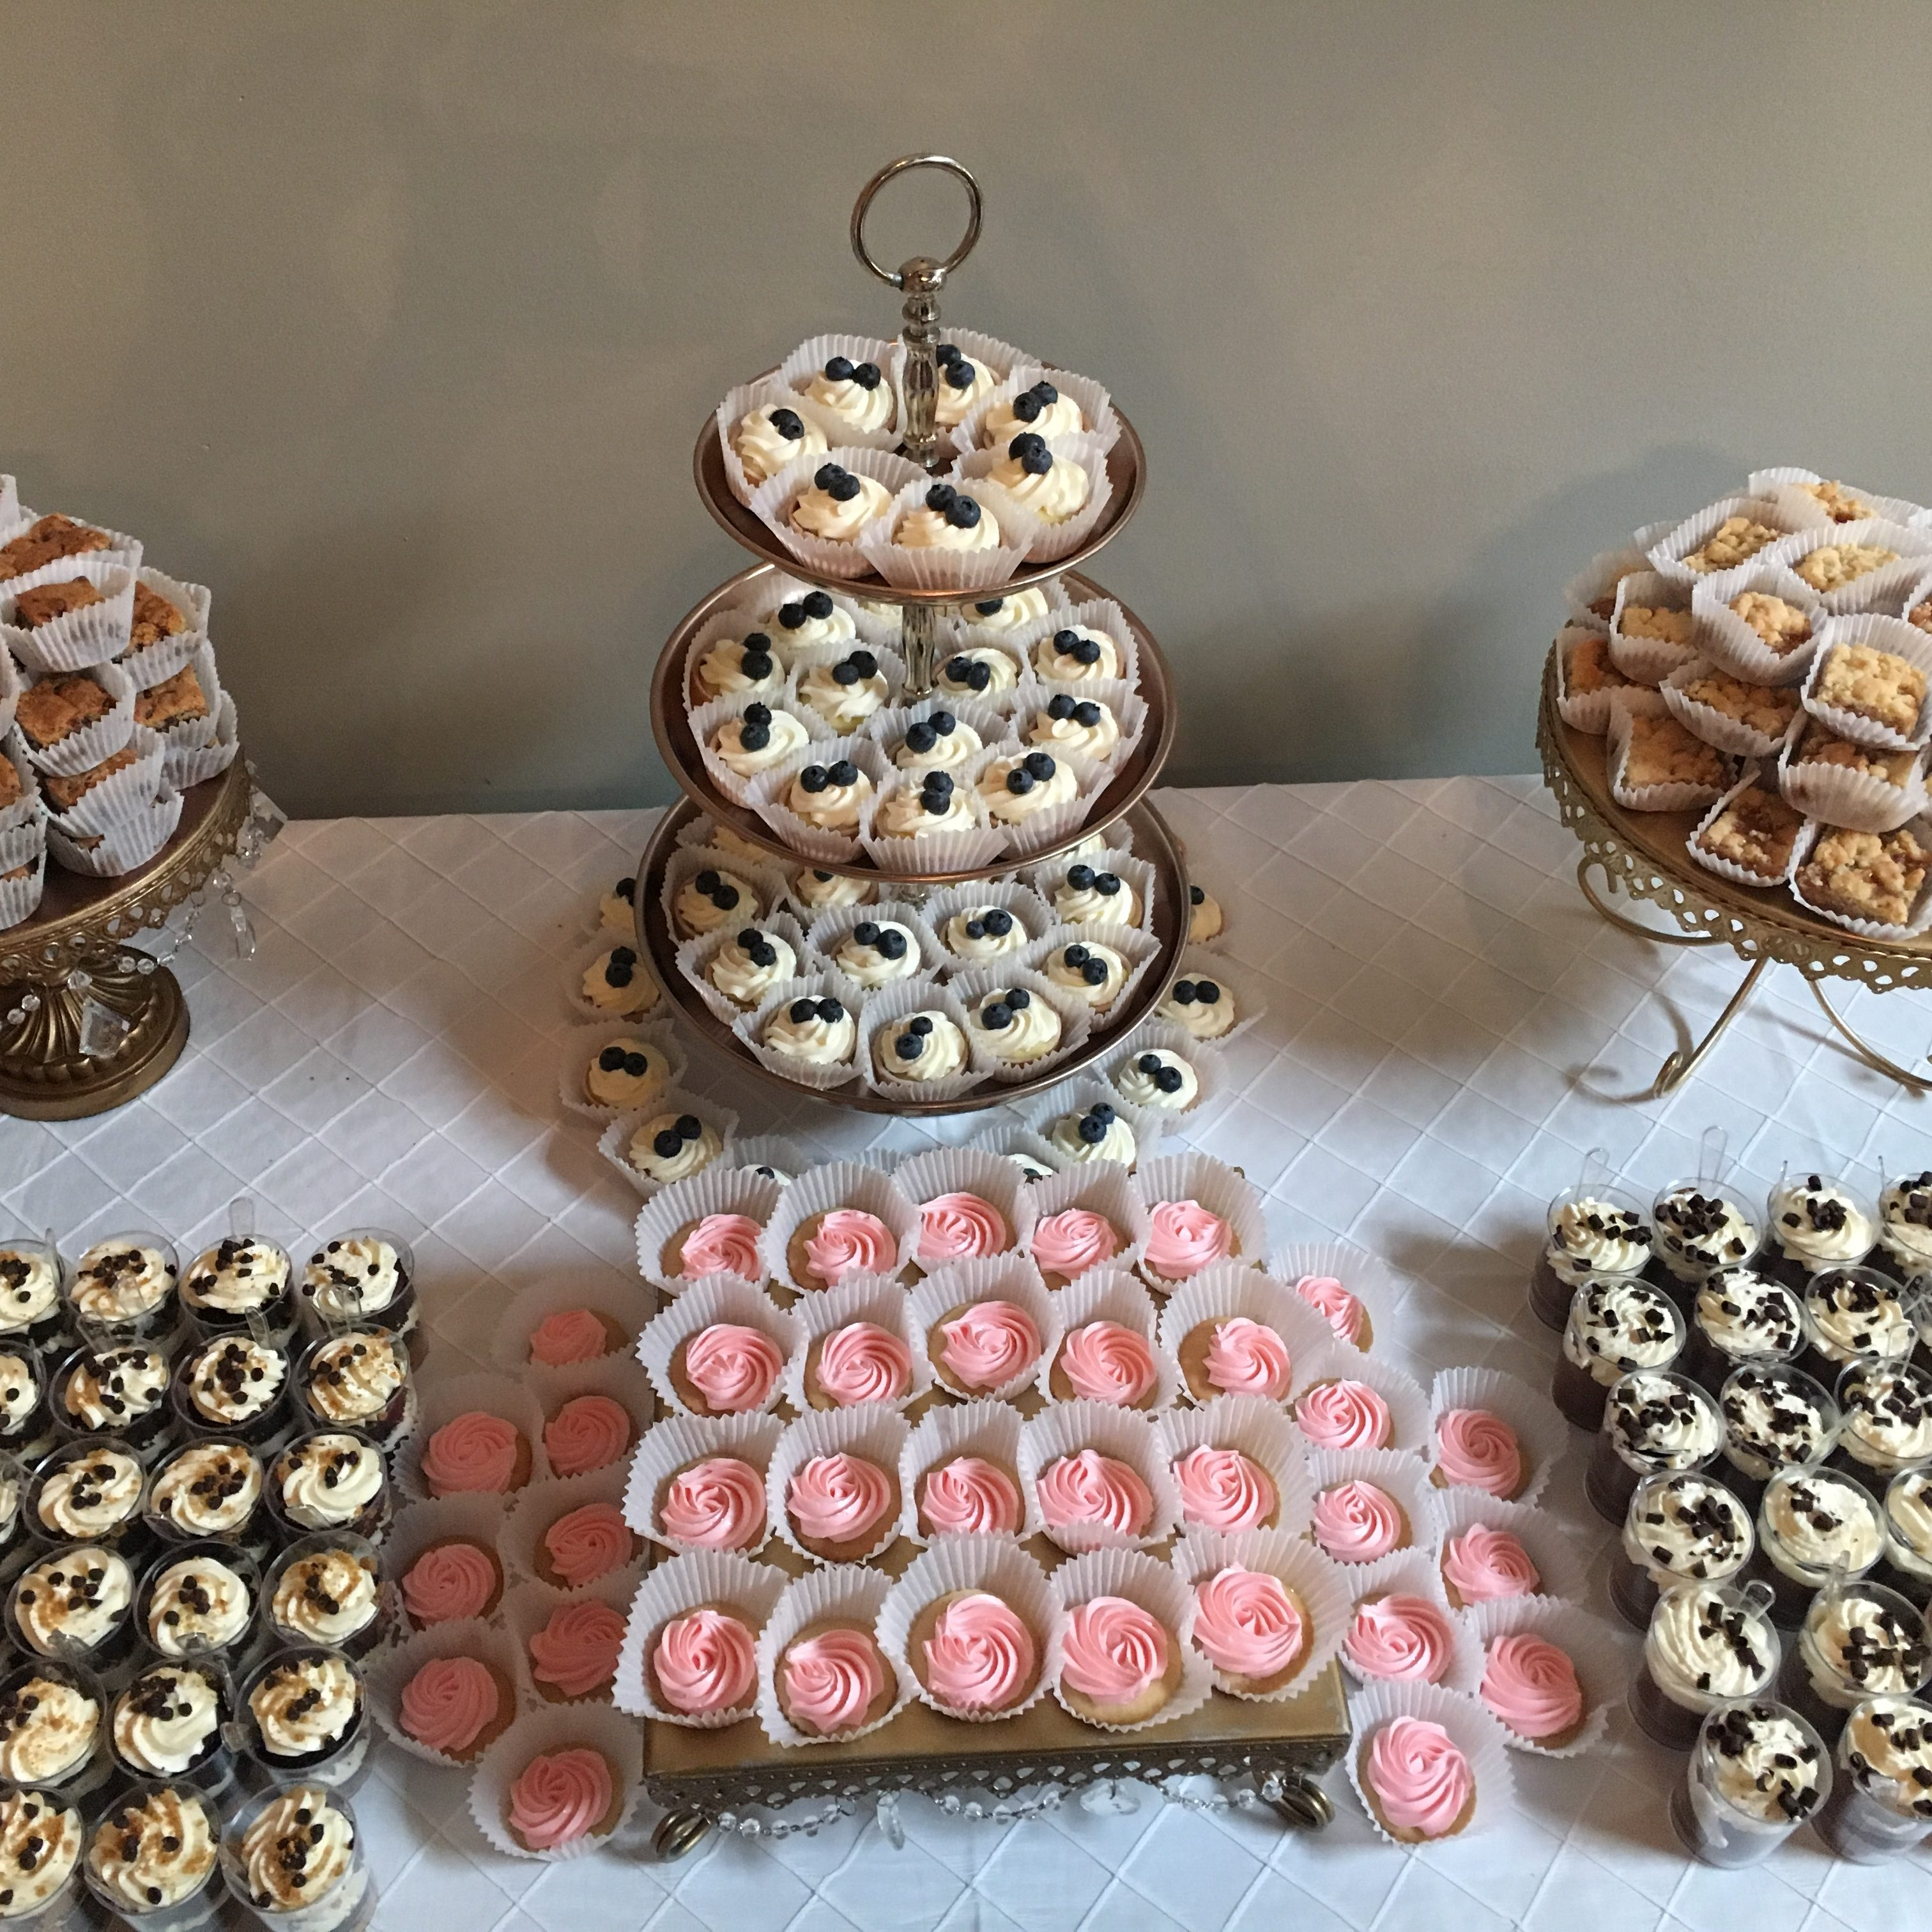 http://delicatelydelicious.com/wp-content/uploads/2019/05/Dessert-Table-2-e1557248284308.jpg